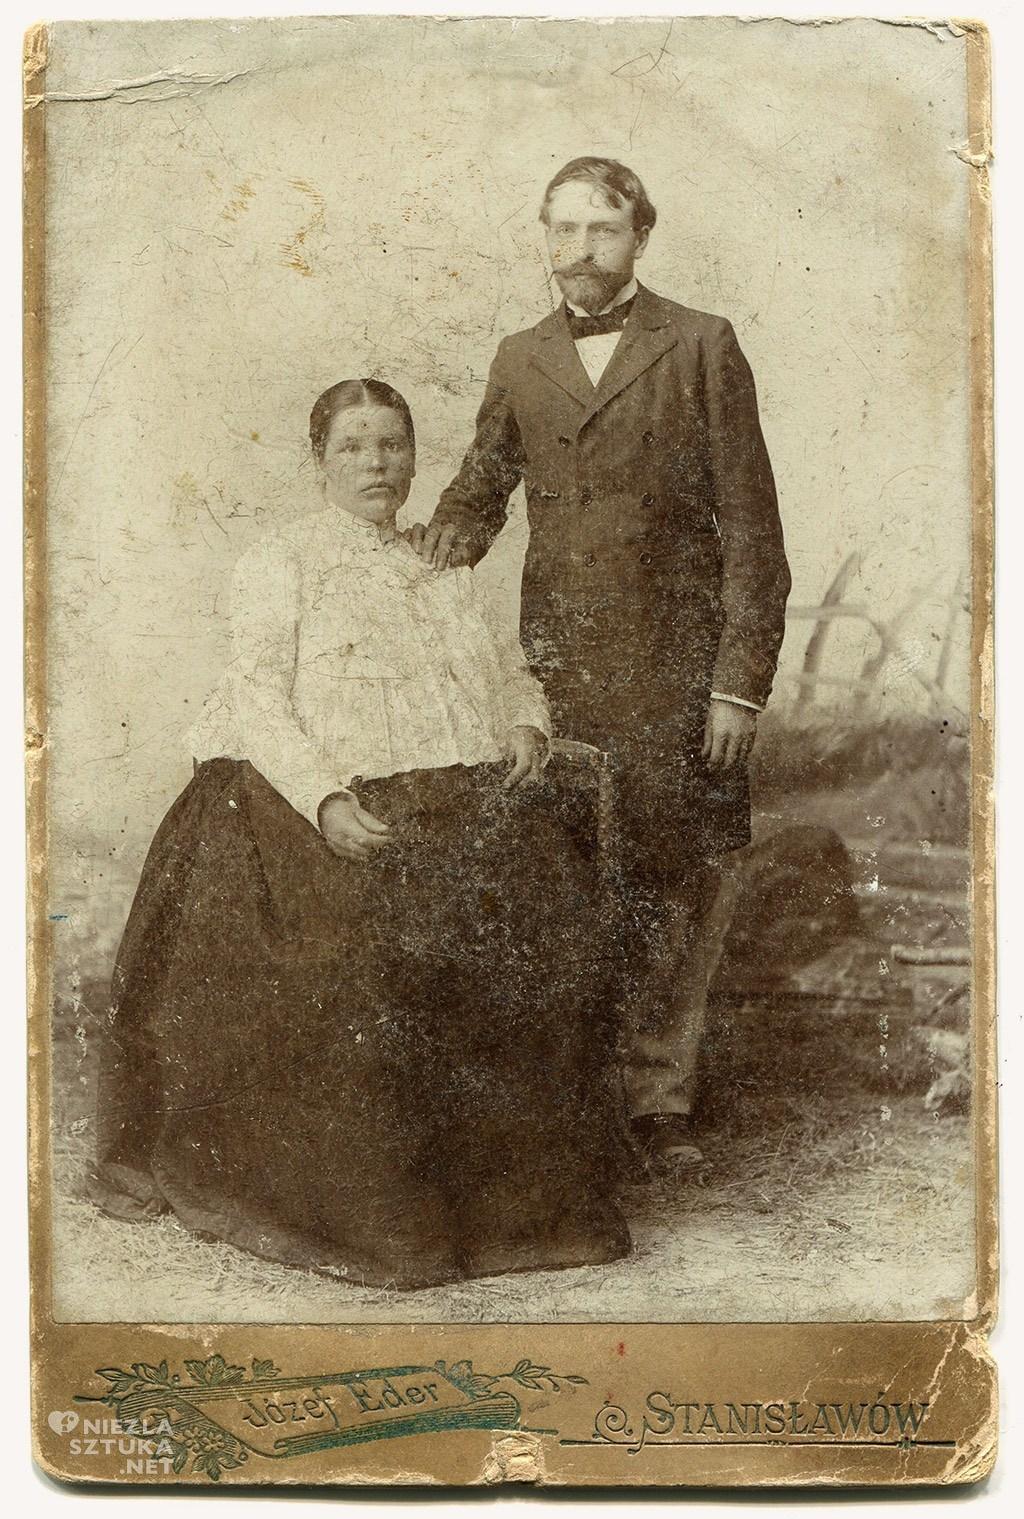 Stanisław Wyspiański z żona Dzięki uprzejmości Muzeum Literatury w Warszawie